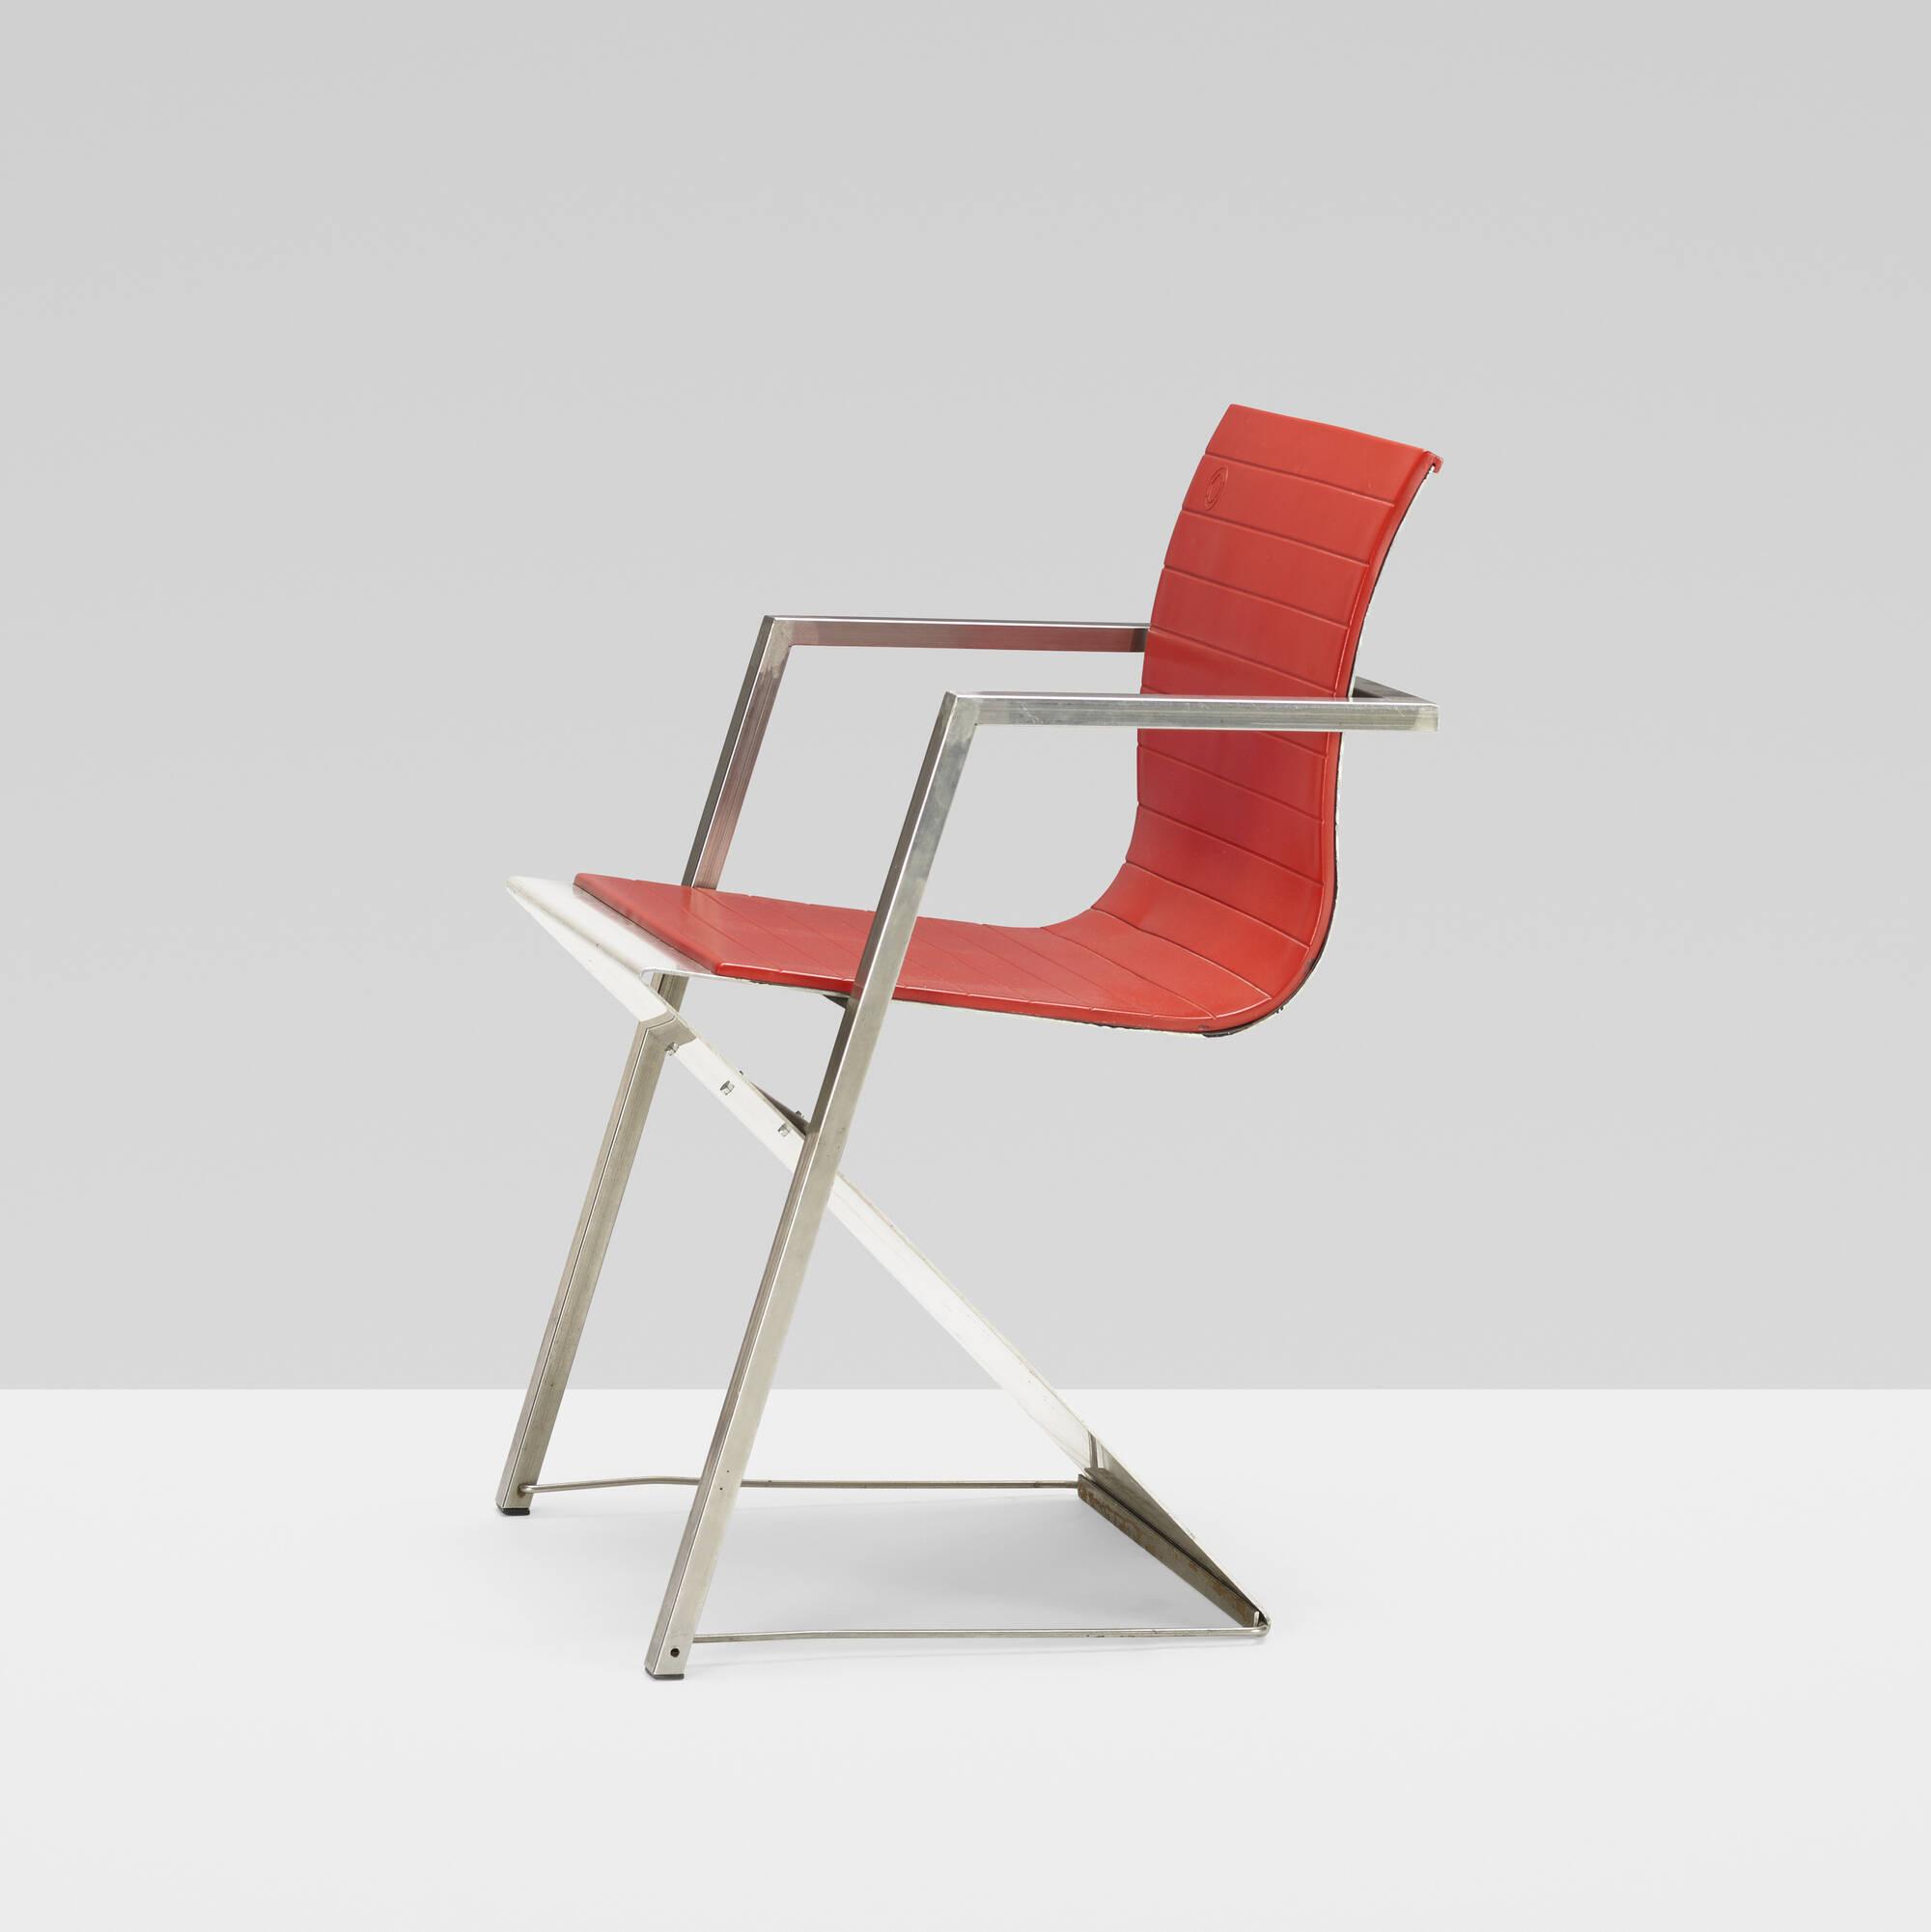 273: Reinhard Muller / d8 armchair (2 of 6)